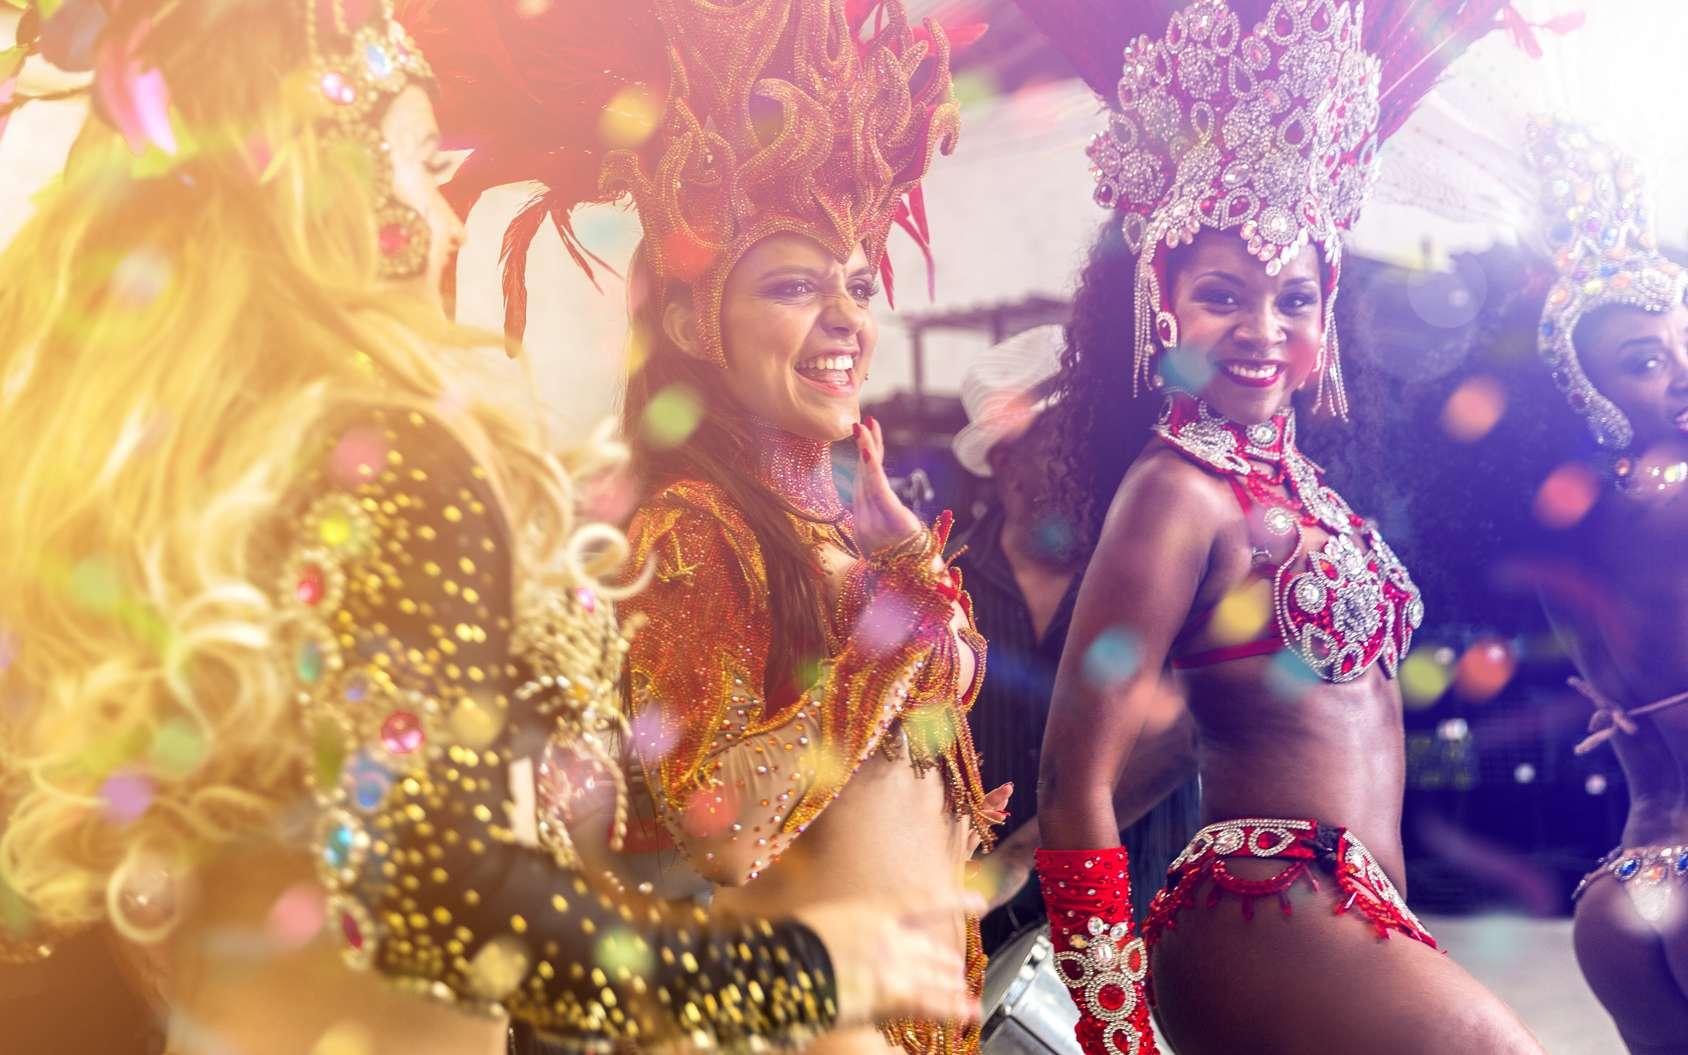 Le Carnaval de Rio au Brésil est le symbole mondial de la célébration du carnaval. © filipefrazao, fotolia